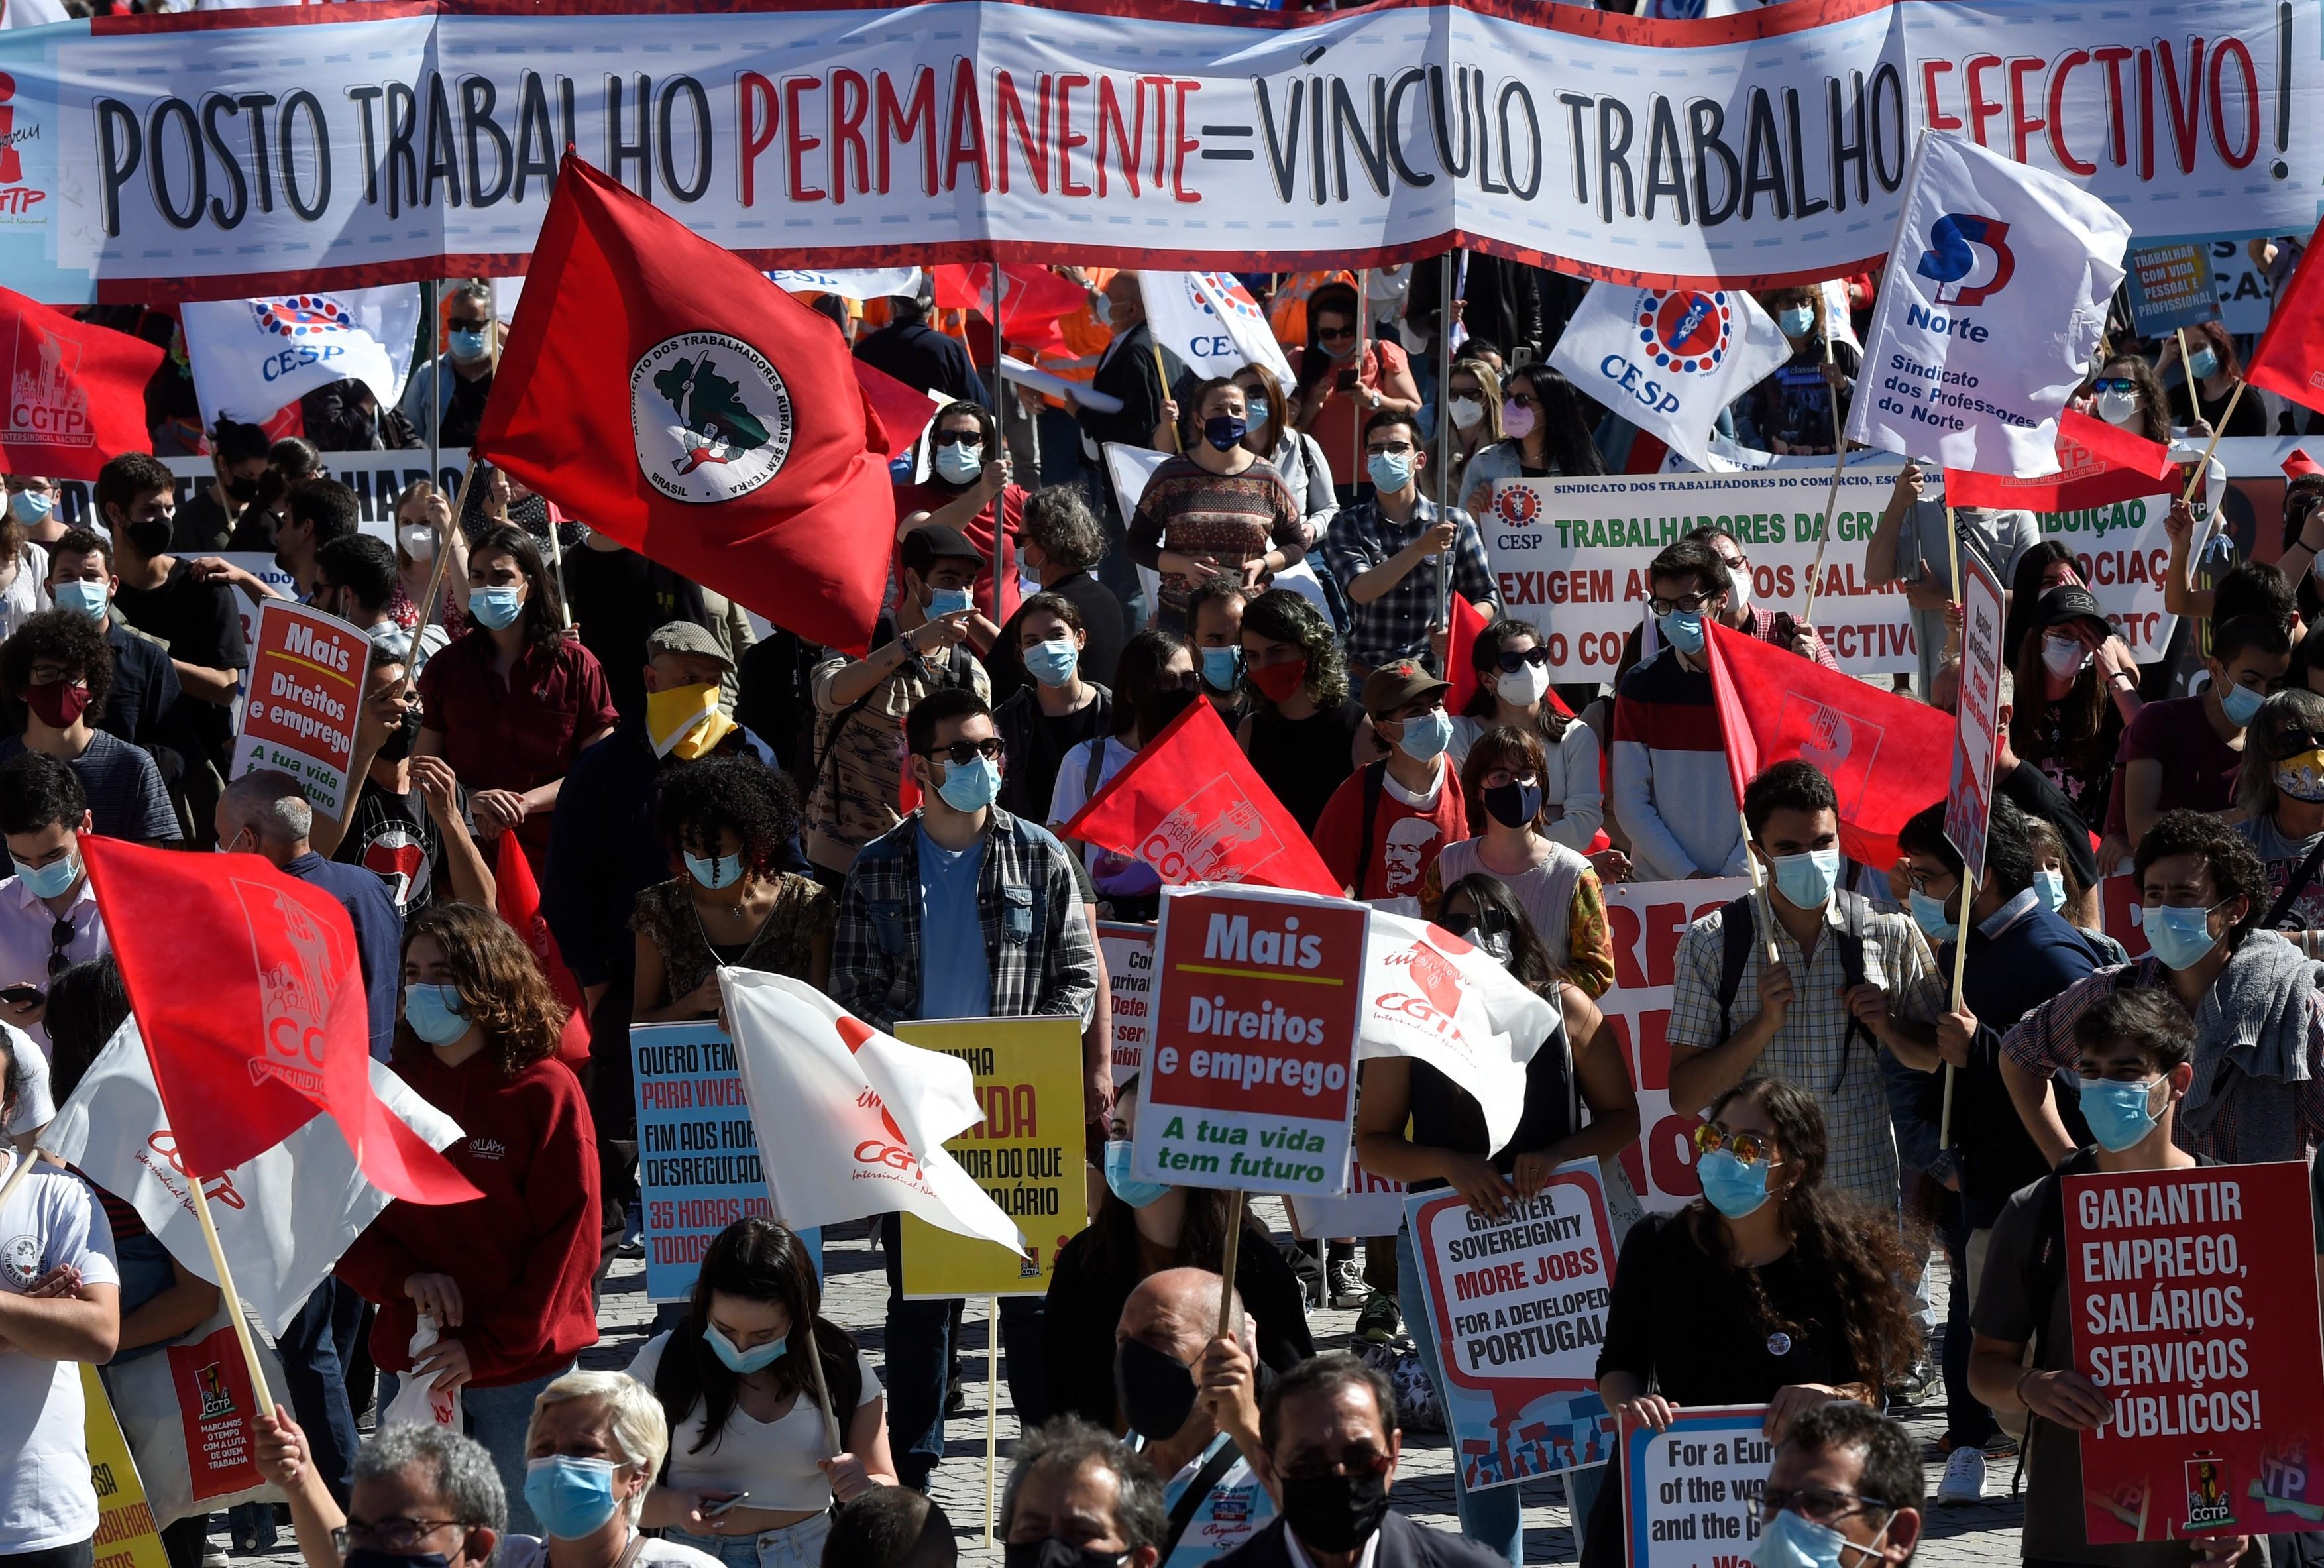 Protest la Porto: Daca liderii UE au preocupari sociale, nu de un summit era nevoie, ci de acţiuni concrete pe teren